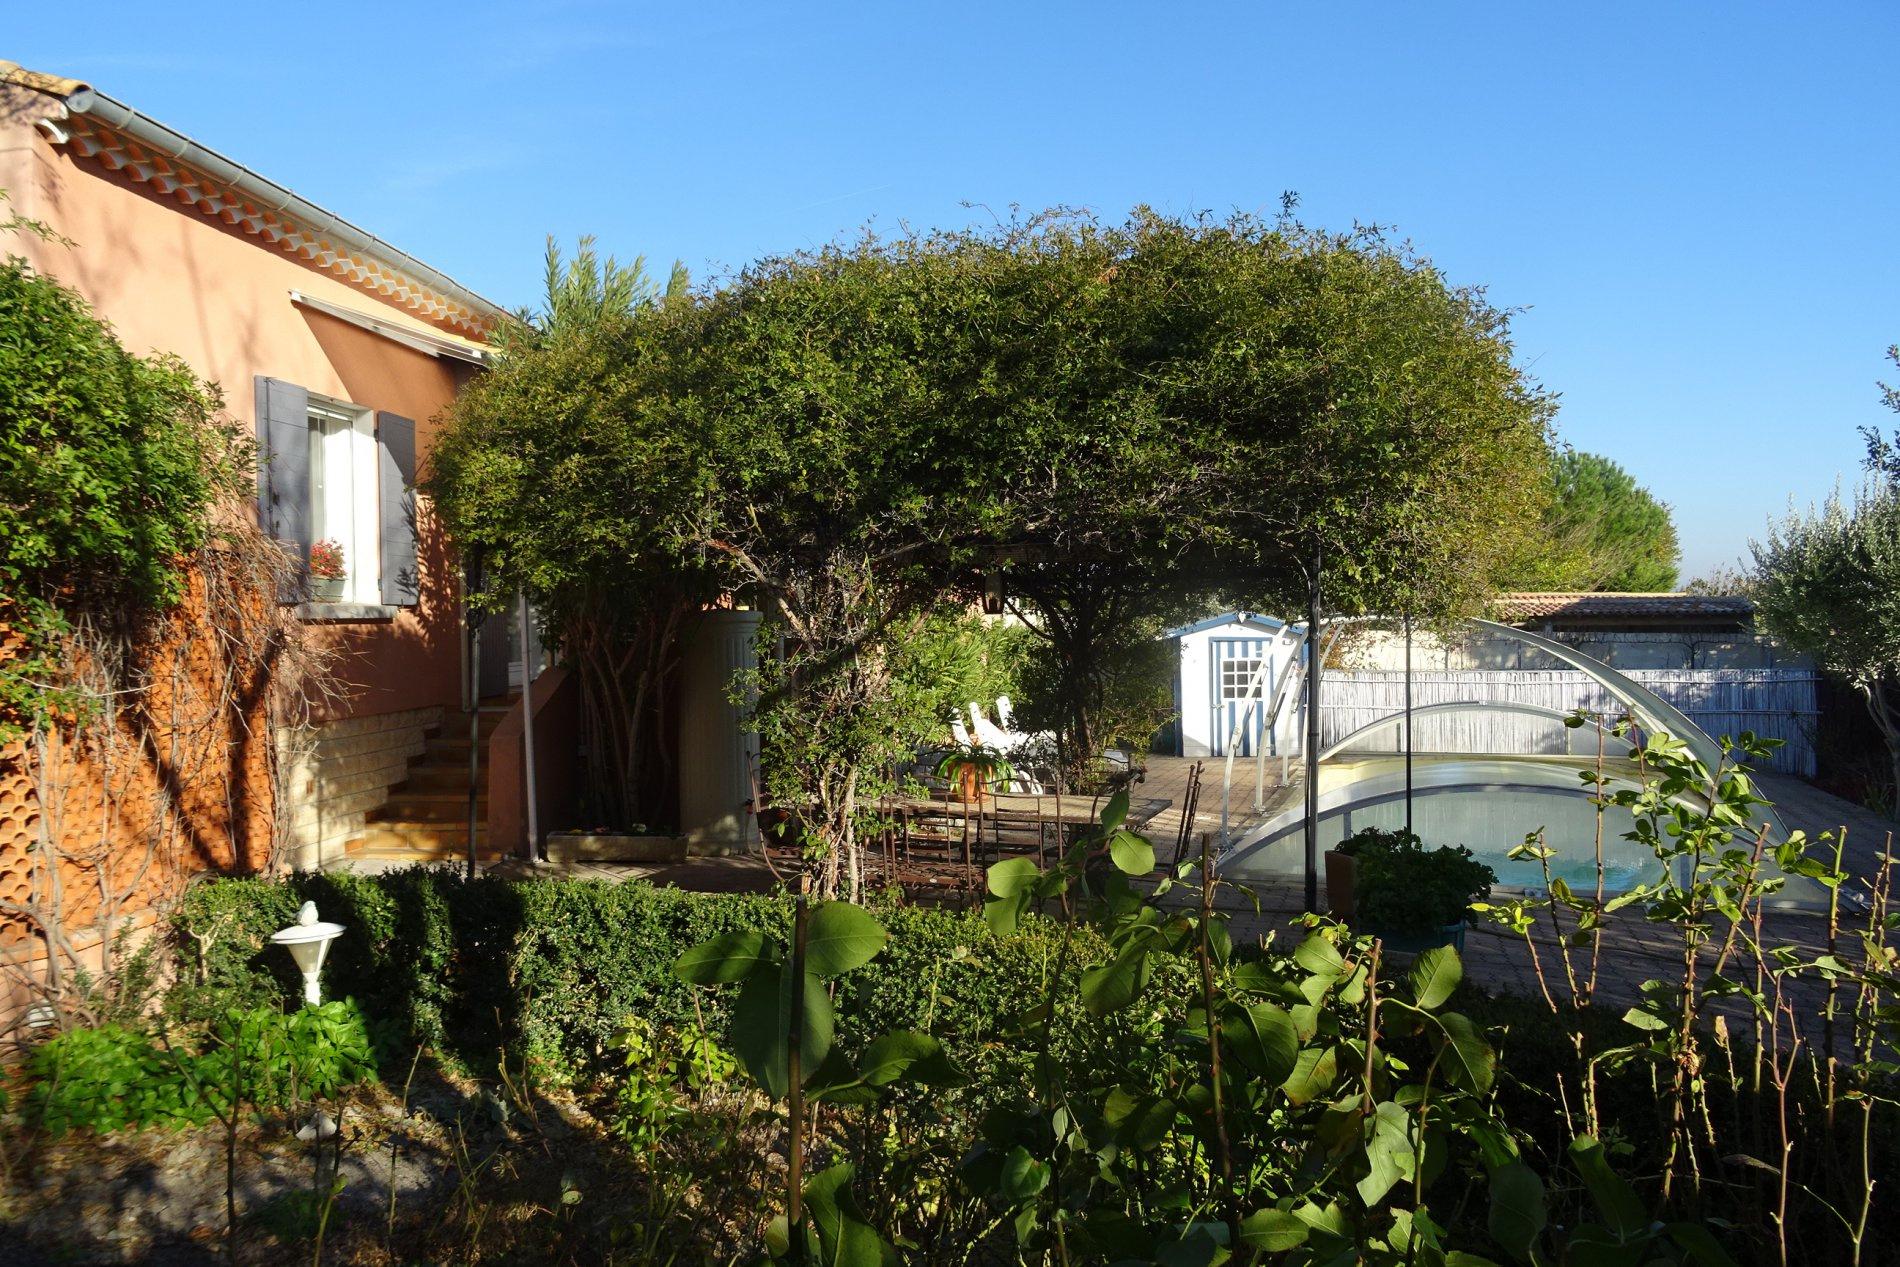 Annonce vente maison ch teauneuf de gadagne 84470 101 for Chateauneuf de gadagne piscine